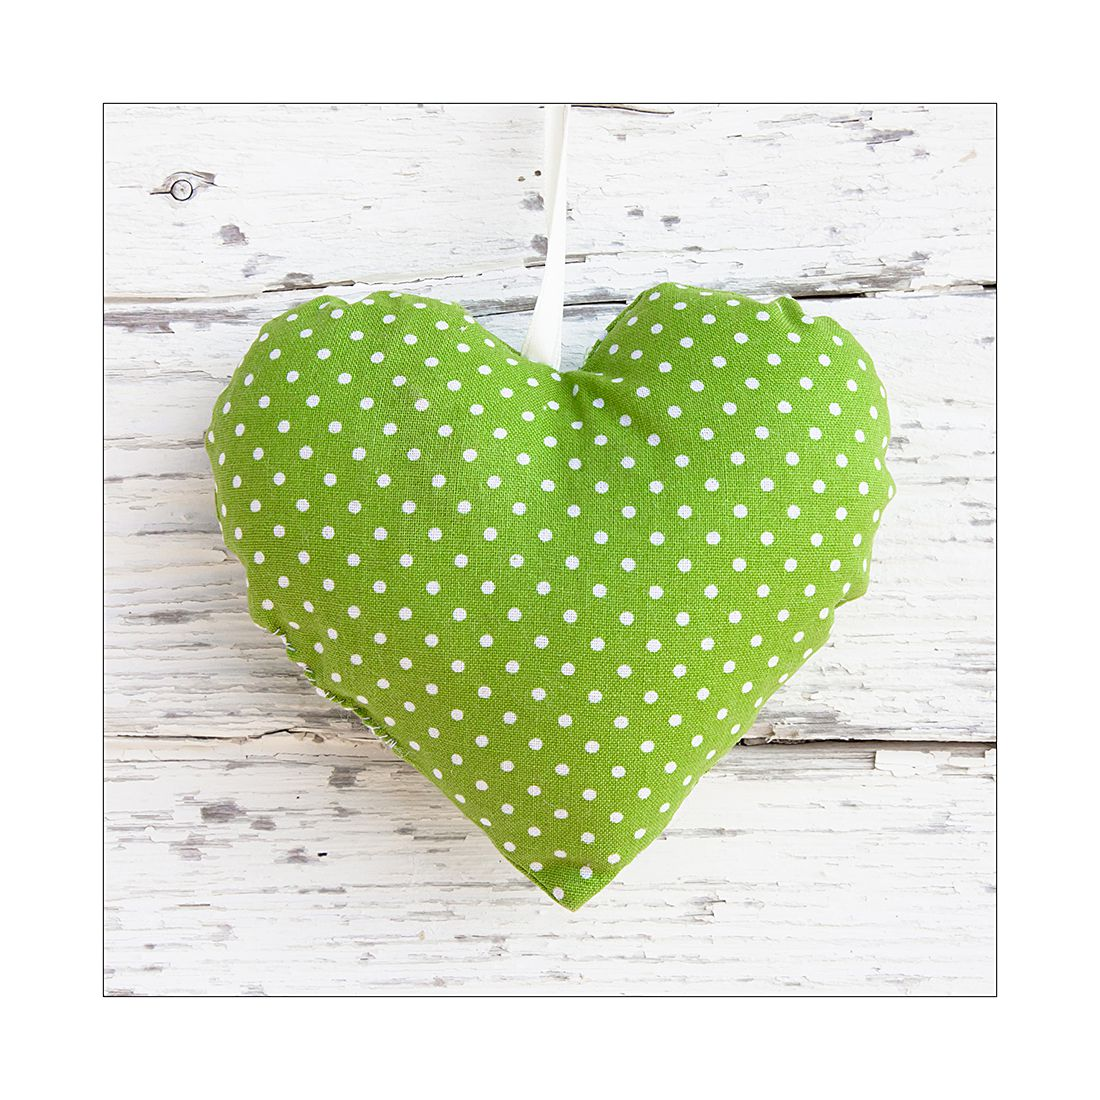 Kunstdruck green love – Größe: 50 x 50 cm, Pro Art kaufen